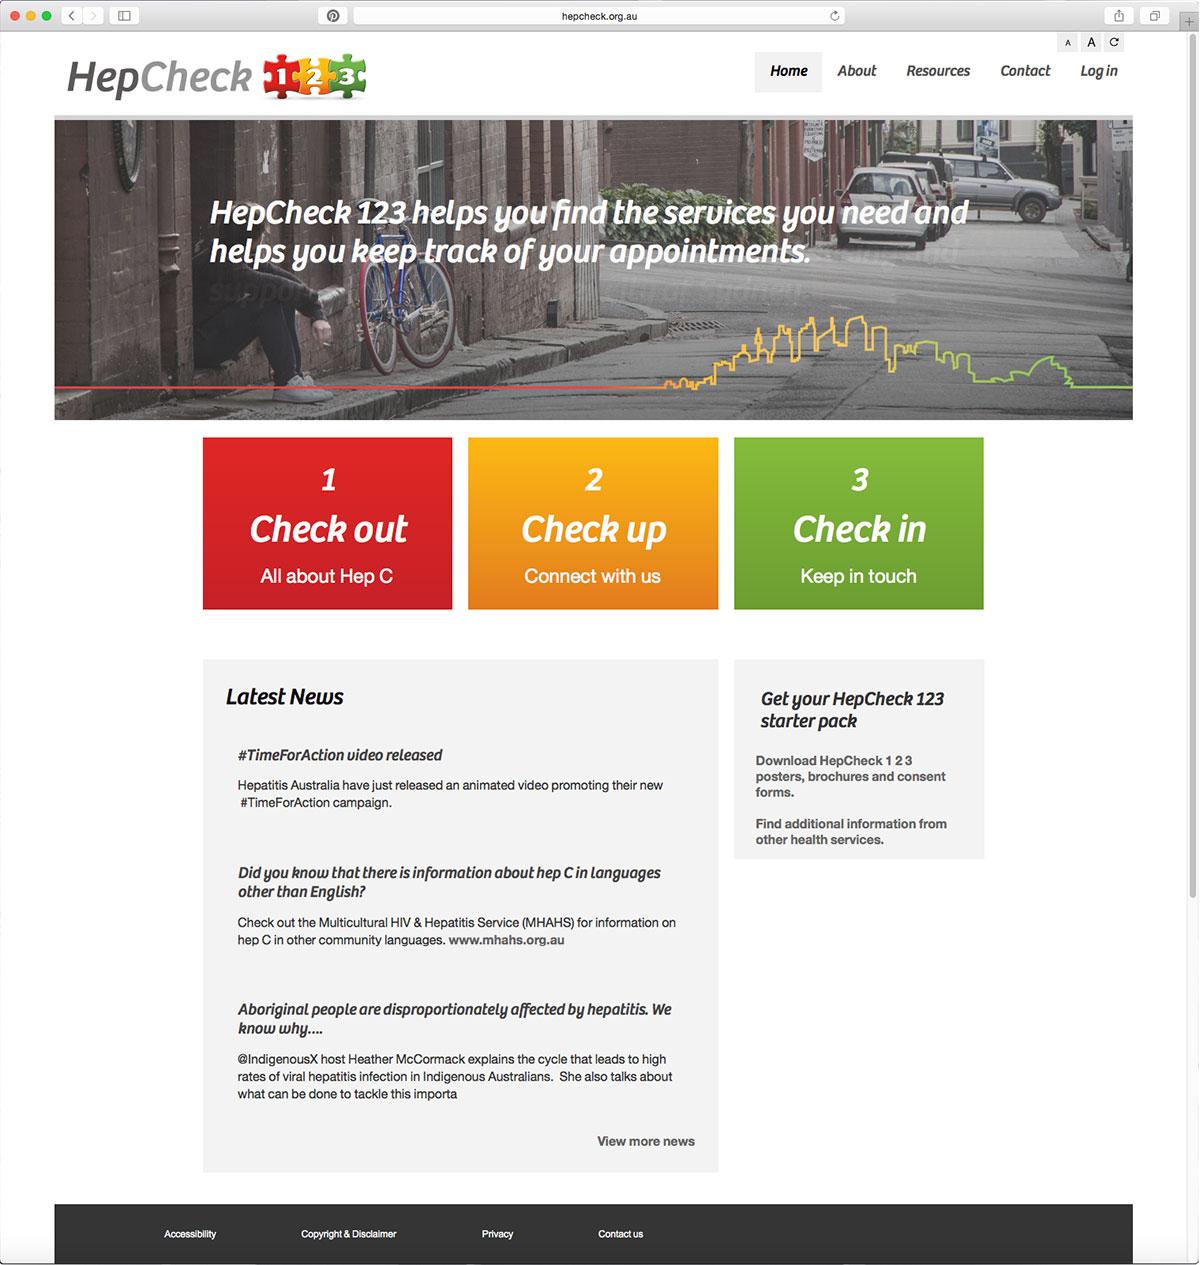 HepCheck 1 2 3 website by Guru Orange